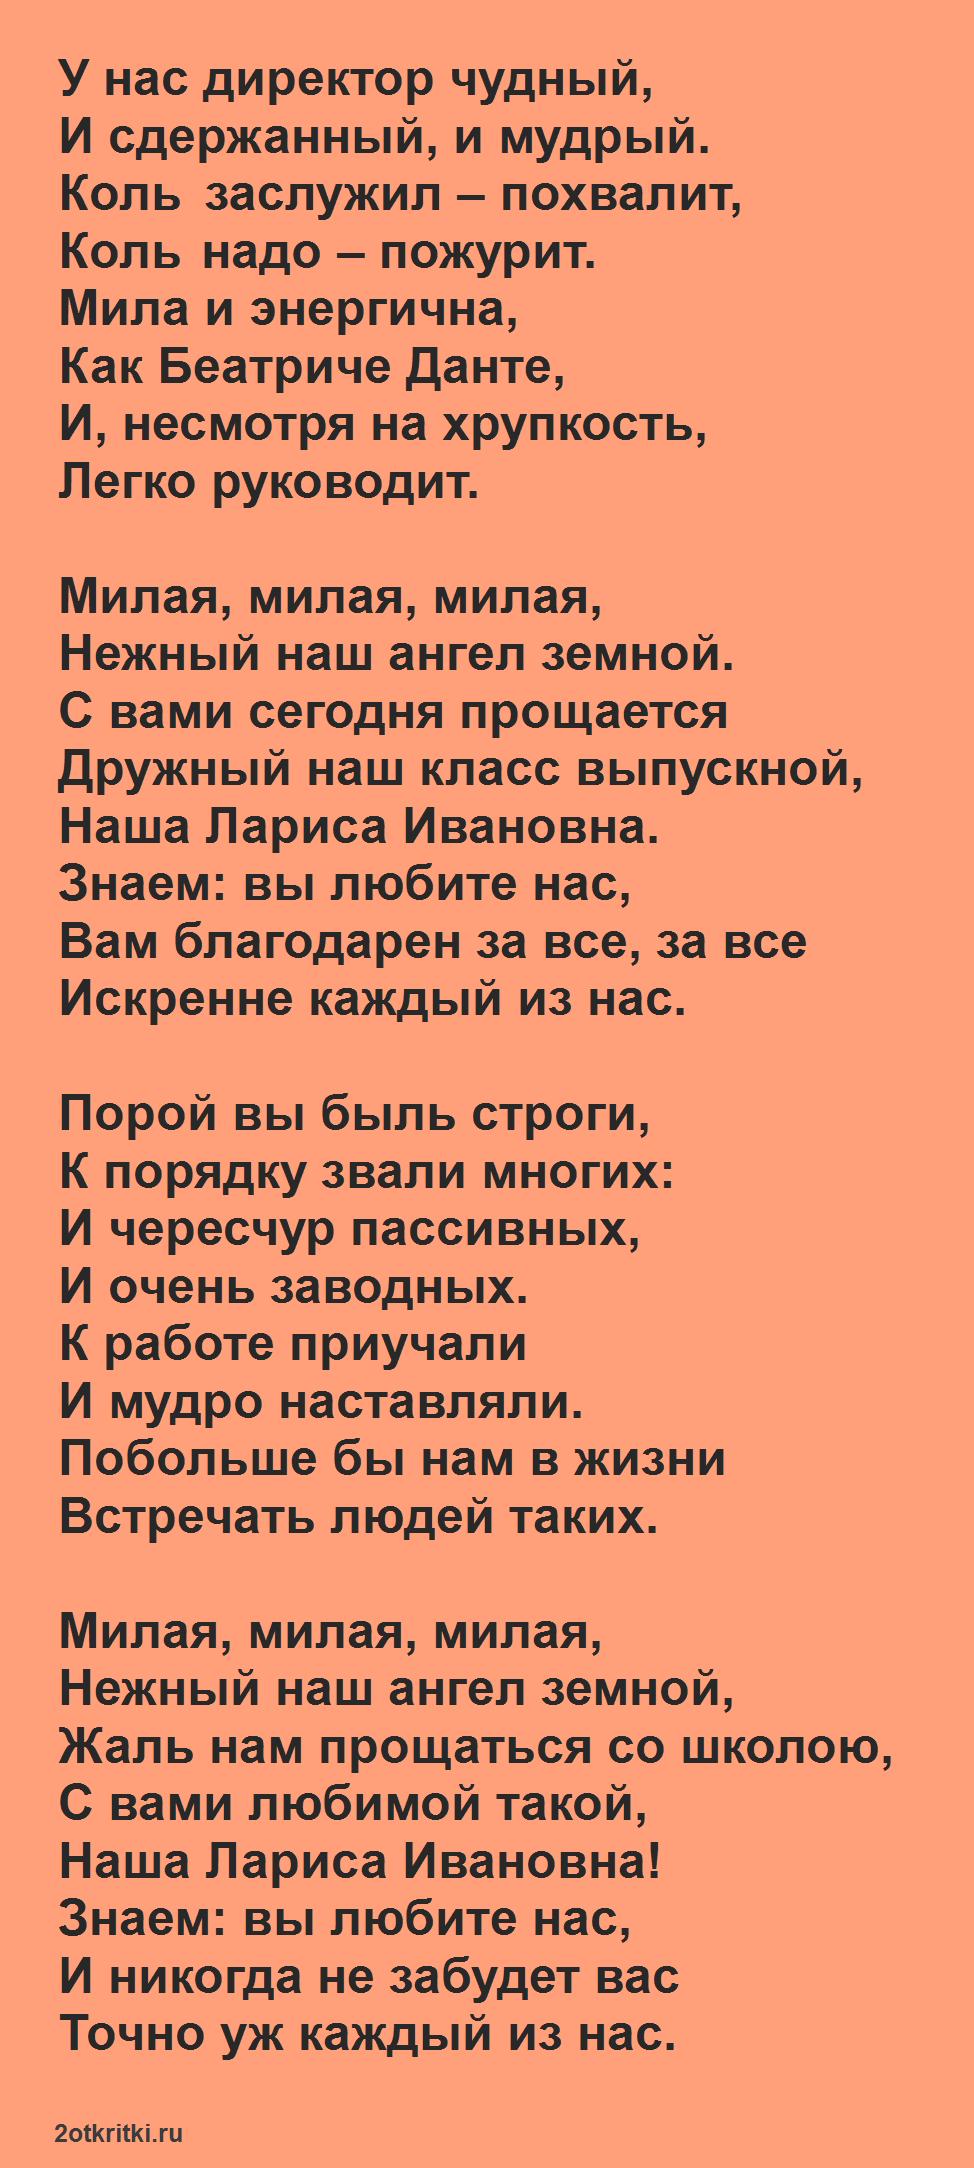 Переделка песни на последний звонок современный текст - директору на мотив песни 'Милая'